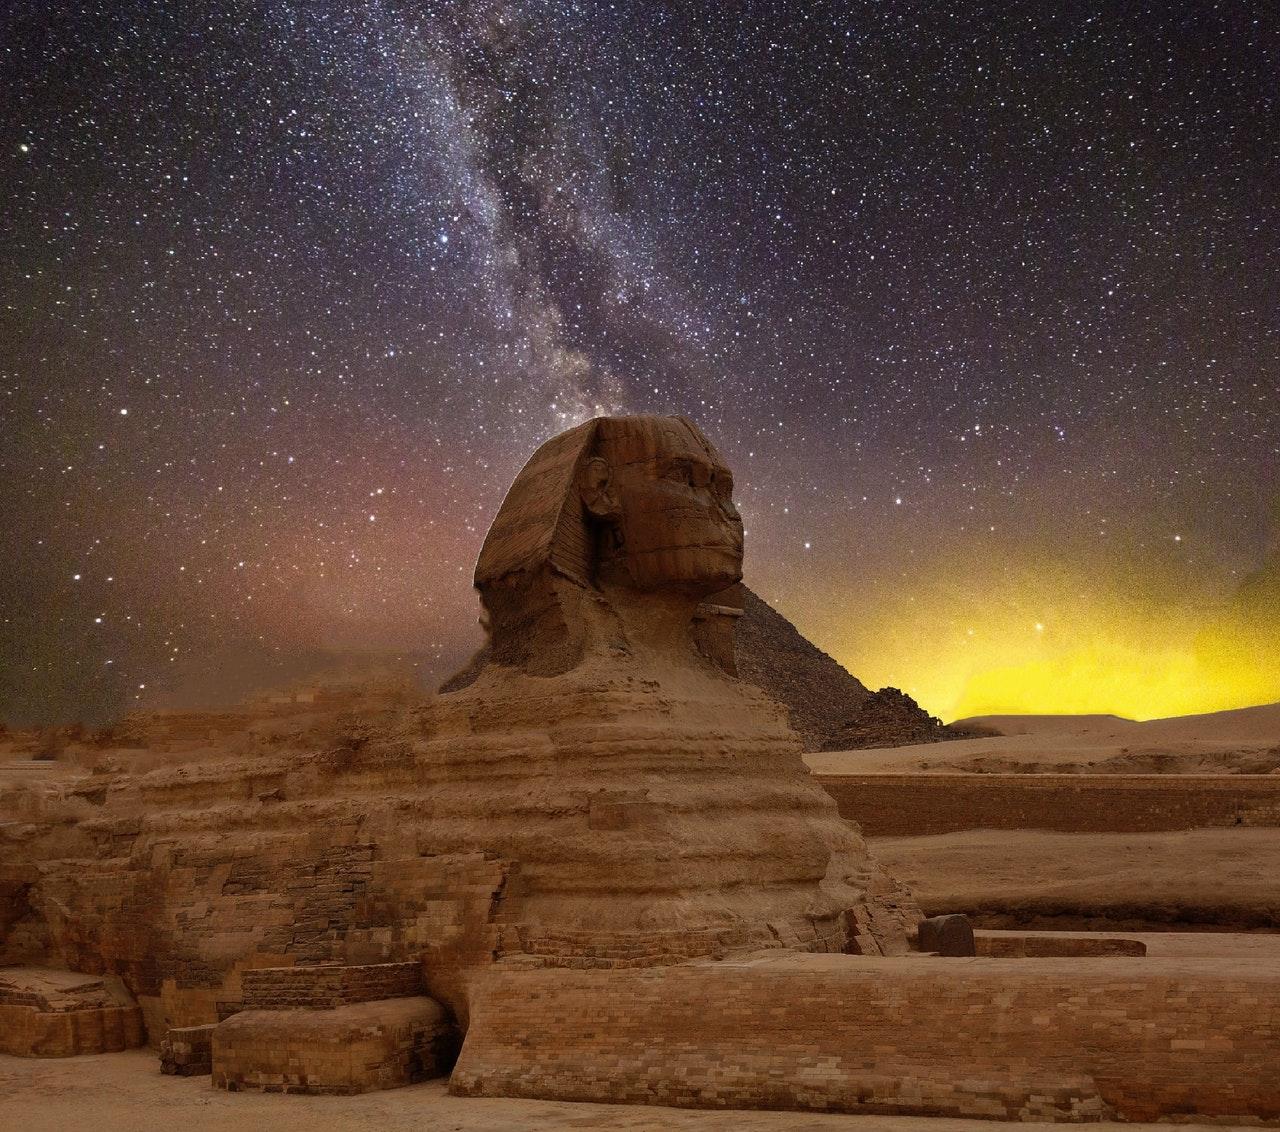 Wakacje wEgipcie – czywarto wybrać się tu na rodzinny wypoczynek?